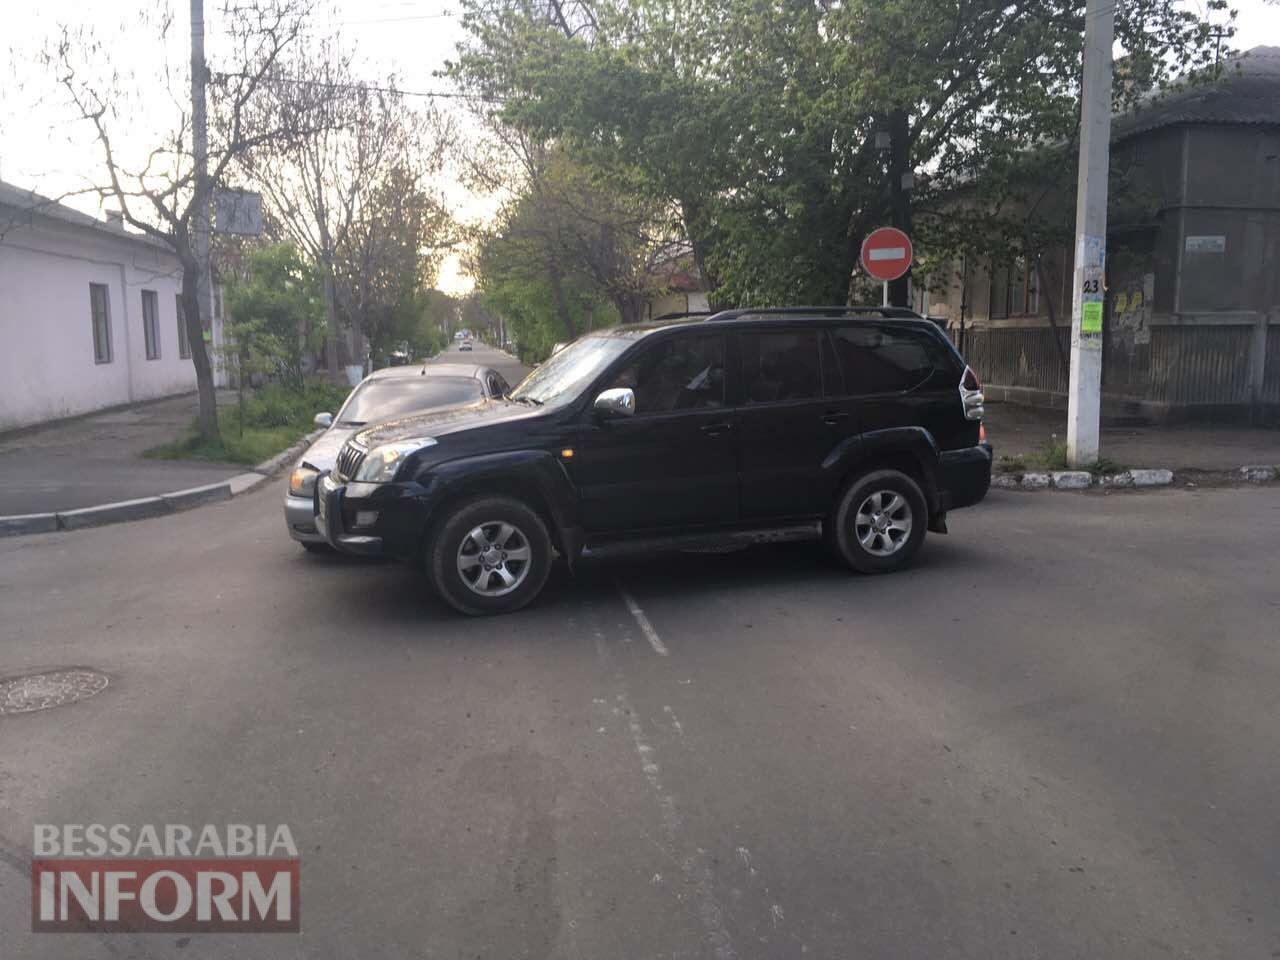 """Еще одно ДТП в Измаиле: Toyota Prado """"подбила"""" Daewoo Lanos"""